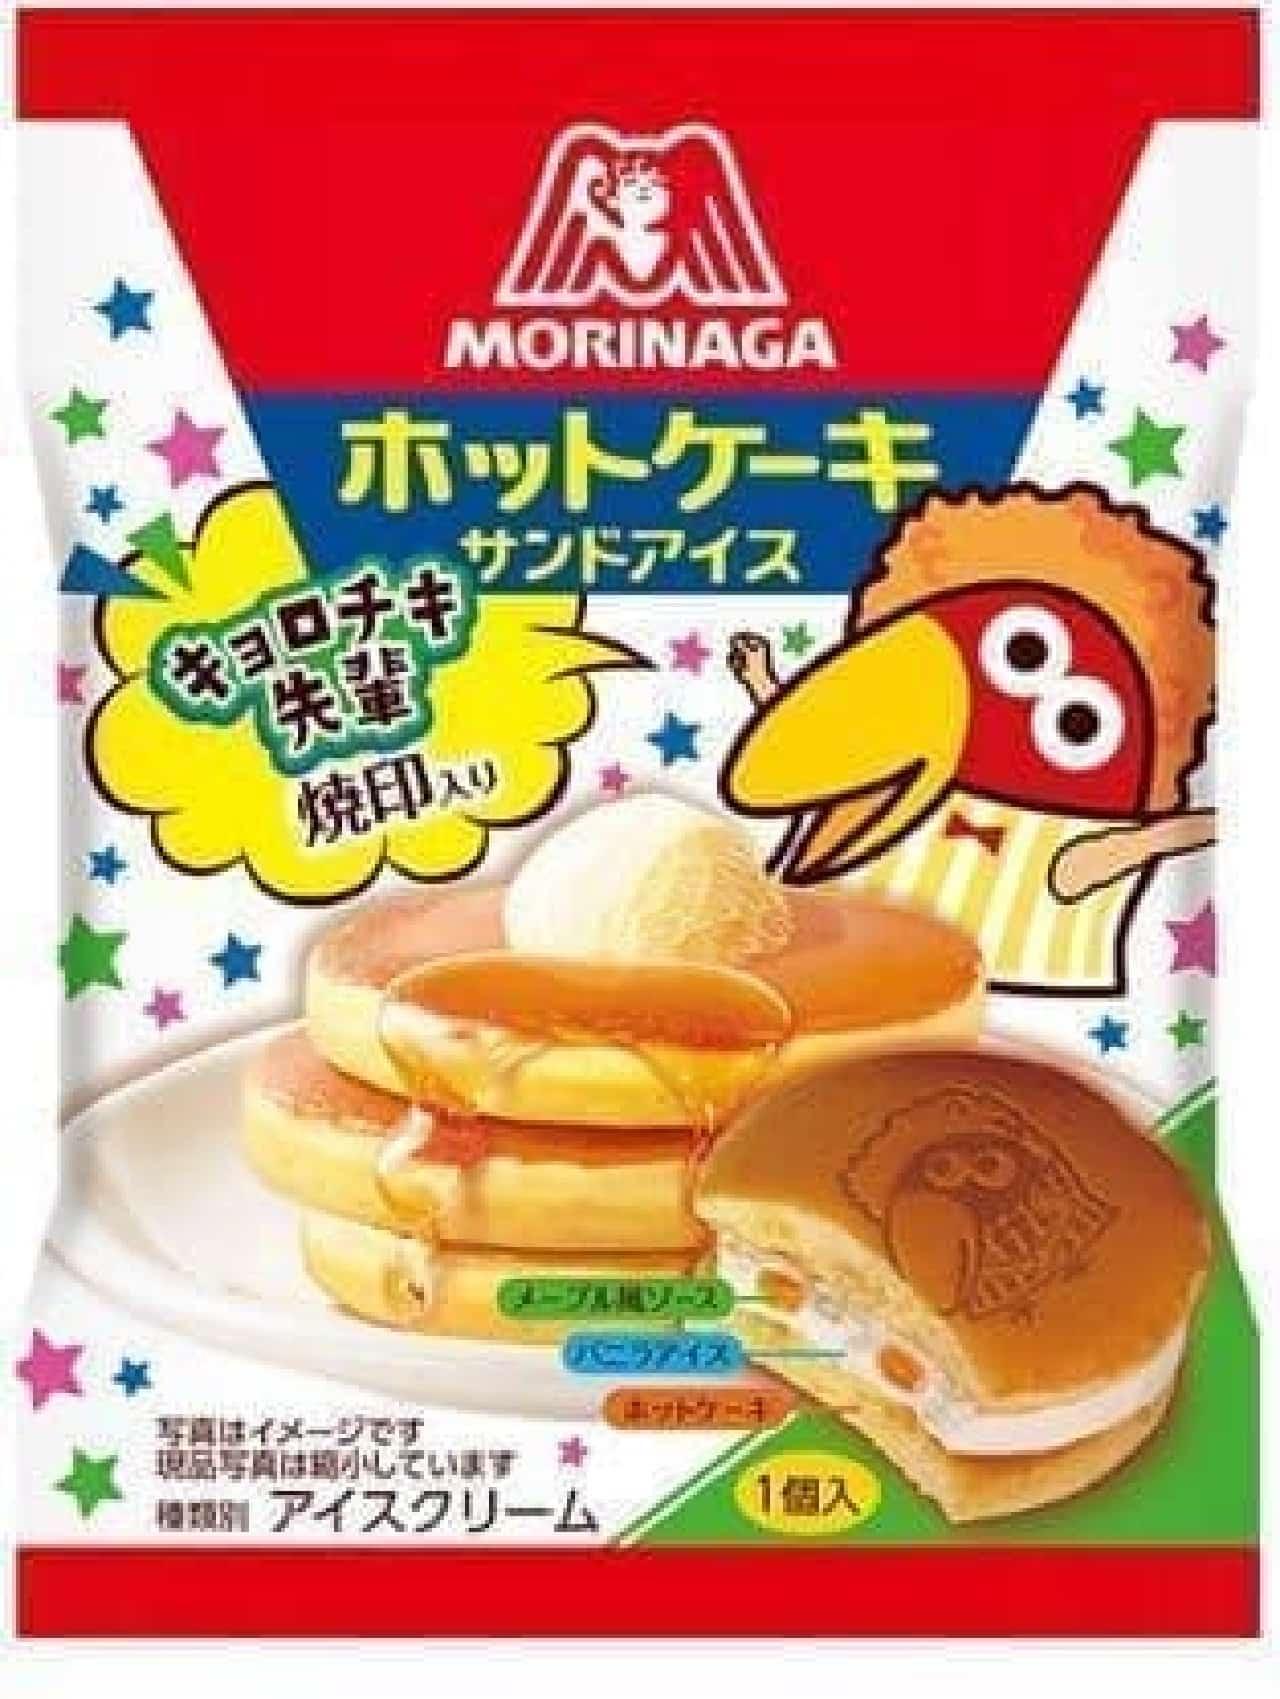 ファミリーマート「森永製菓 キョロチキ先輩のホットケーキサンドアイス」